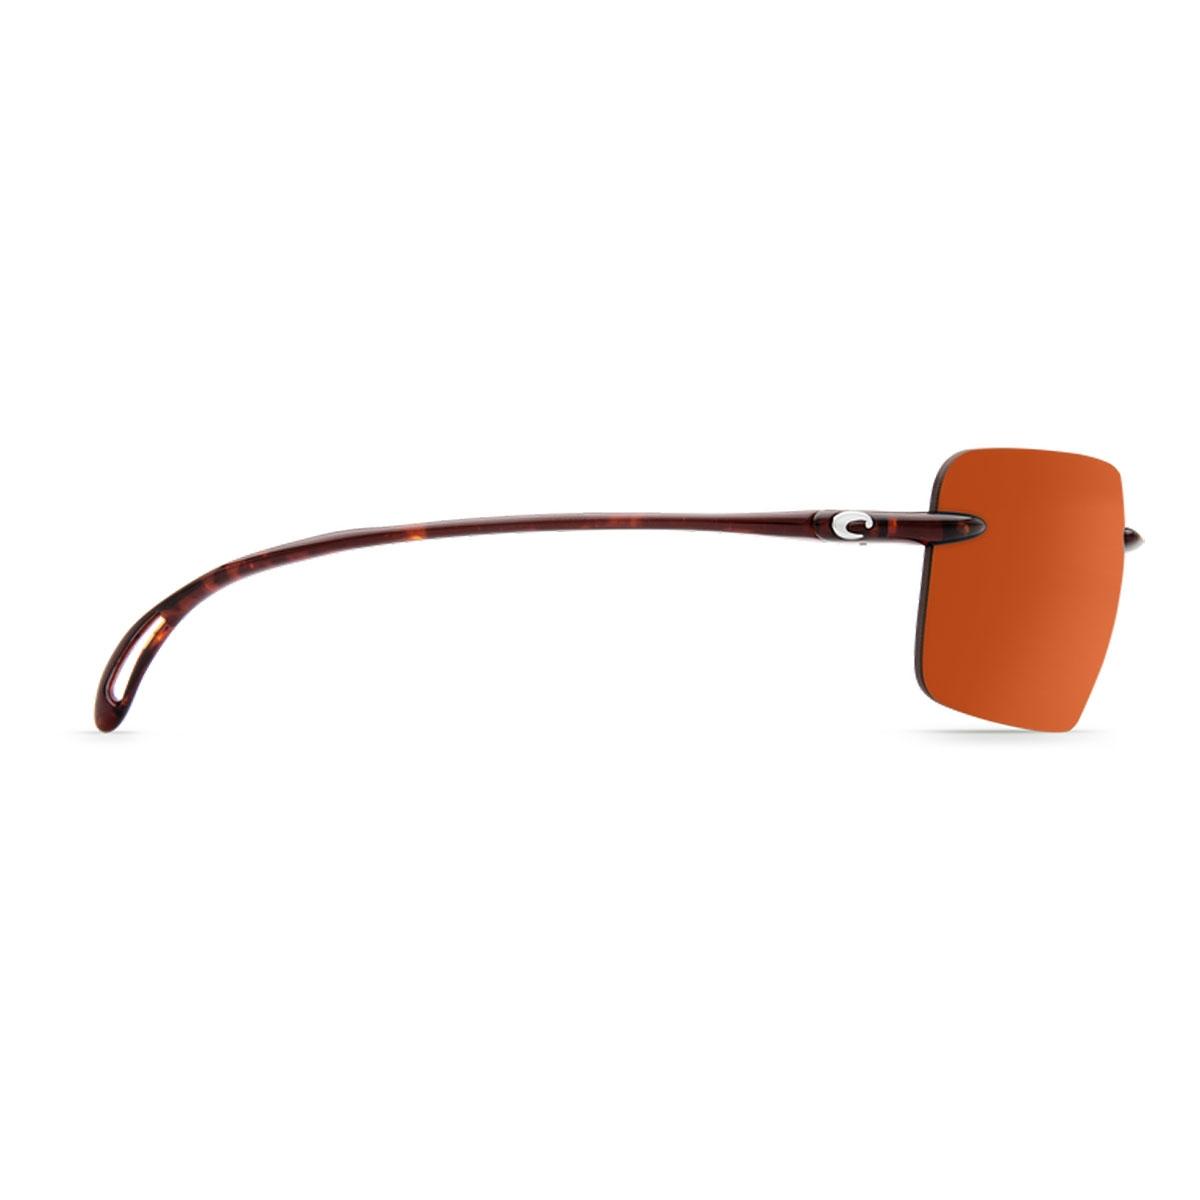 90815f9967 ... Image of Costa Del Mar Gulf Shore Sunglasses - Tortoise Frame   Copper  580P Lens ...